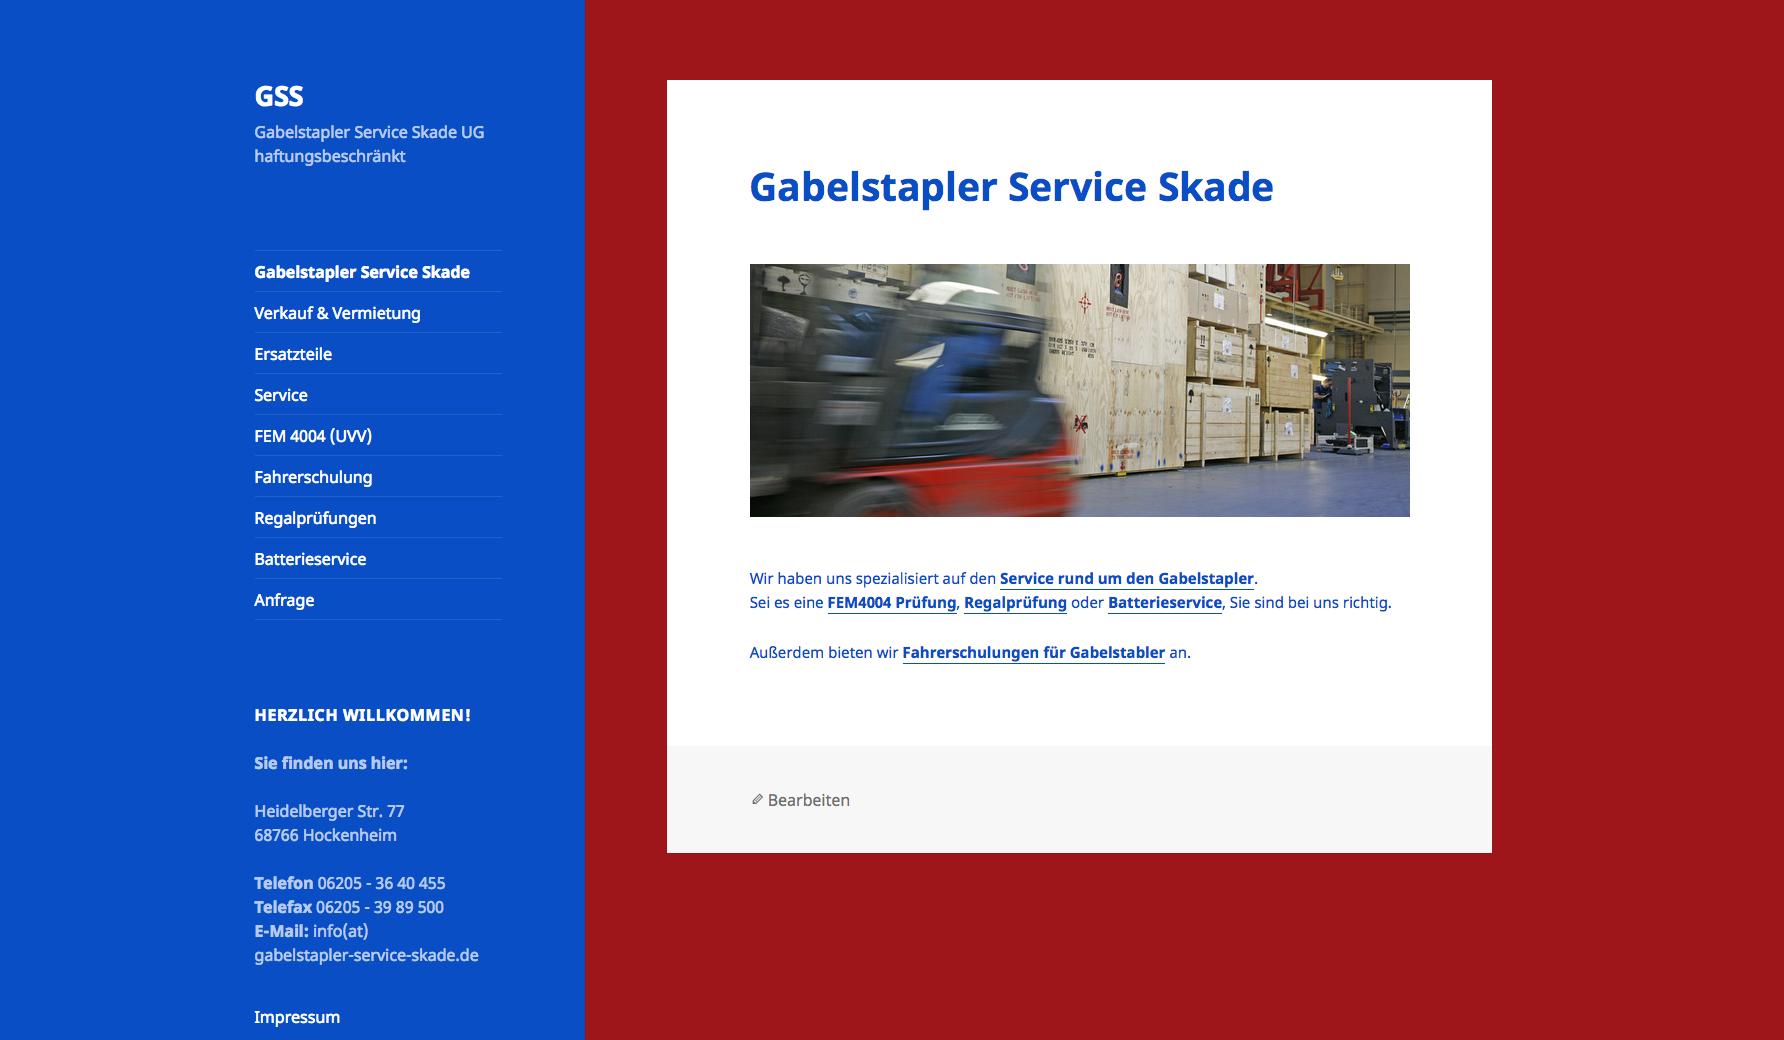 Gabelstapler Service Skade, Hockenheim